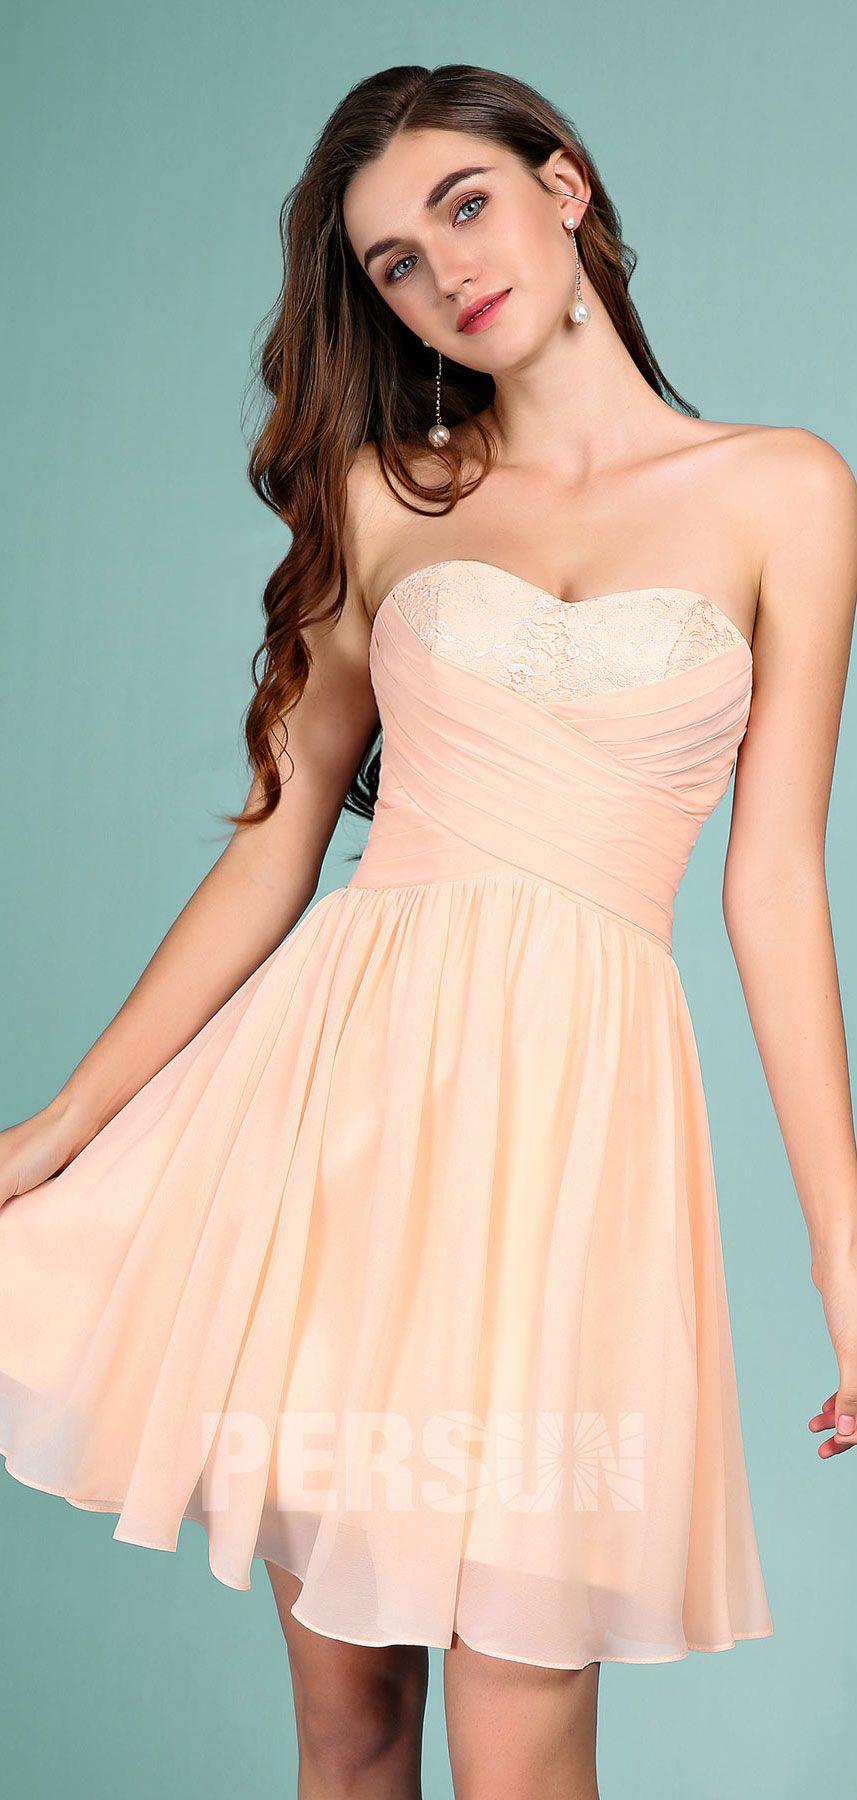 6de83eaf81595 robe demoiselle d honneur couleur nude bustier coeur appliqué de dentelle